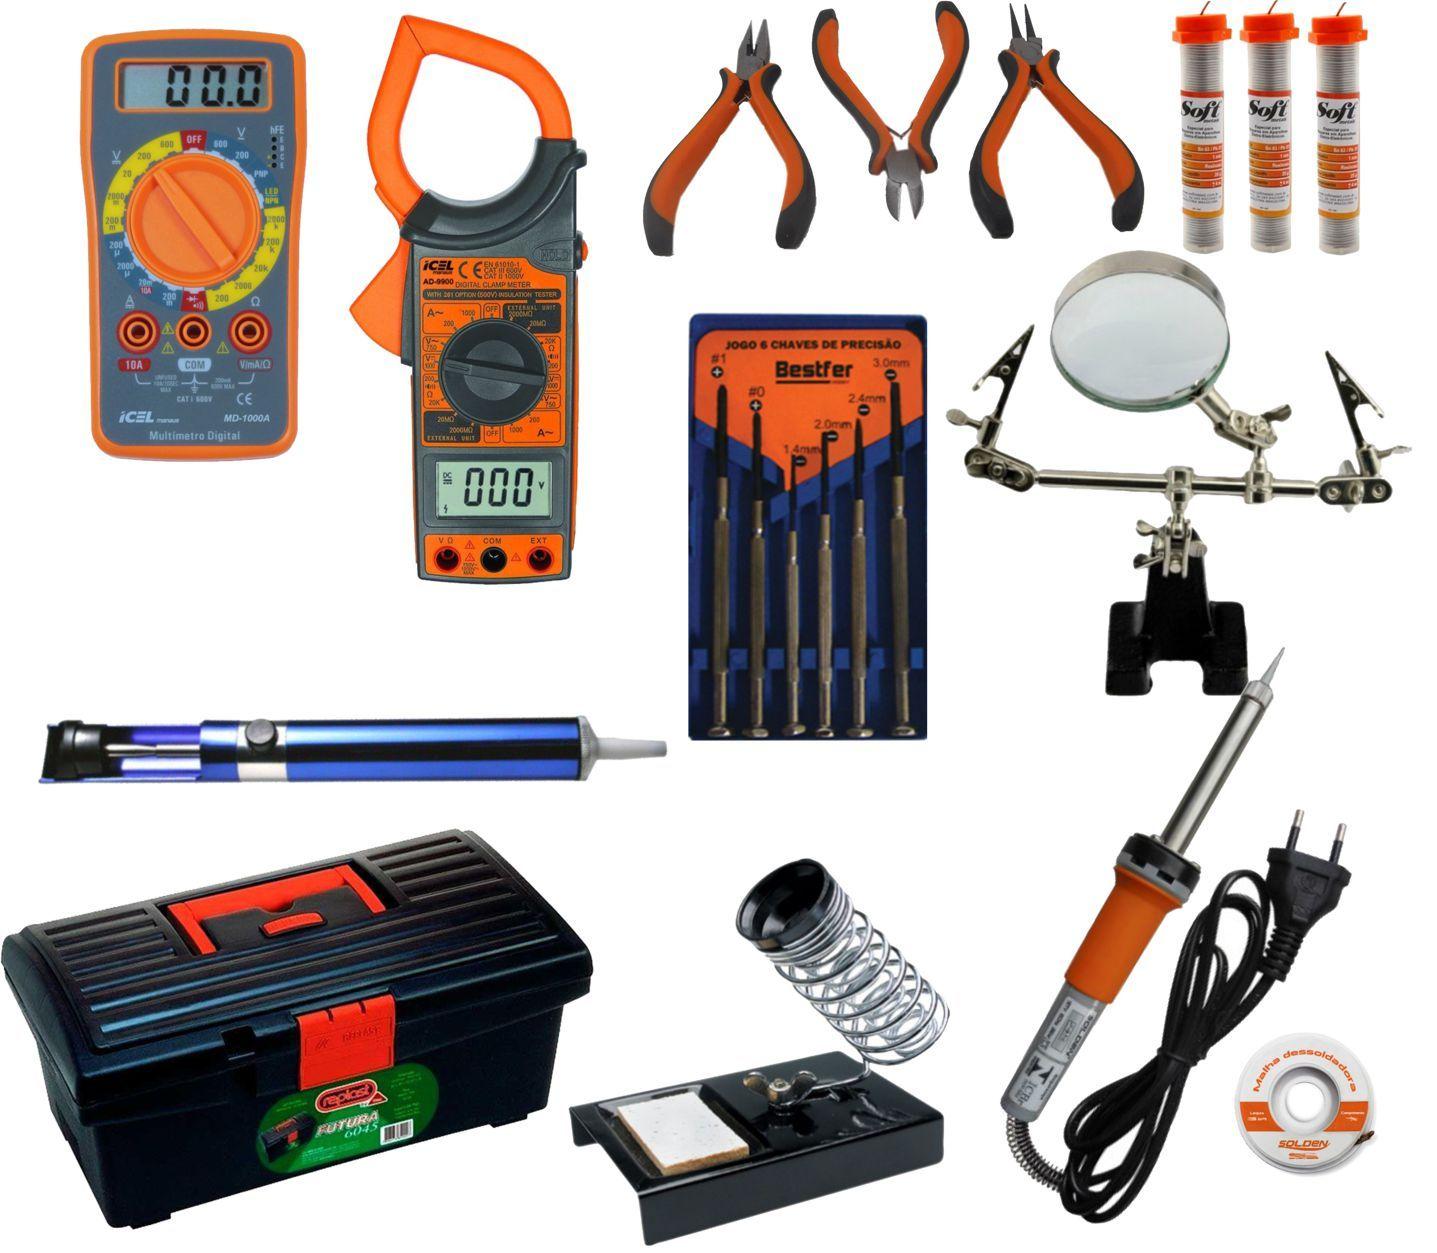 RL008 - Kit de Ferramentas para Eletrônica com Multímetro, Alicate Amperímetro, ferro de solda, lupa, ....  - Rio Link